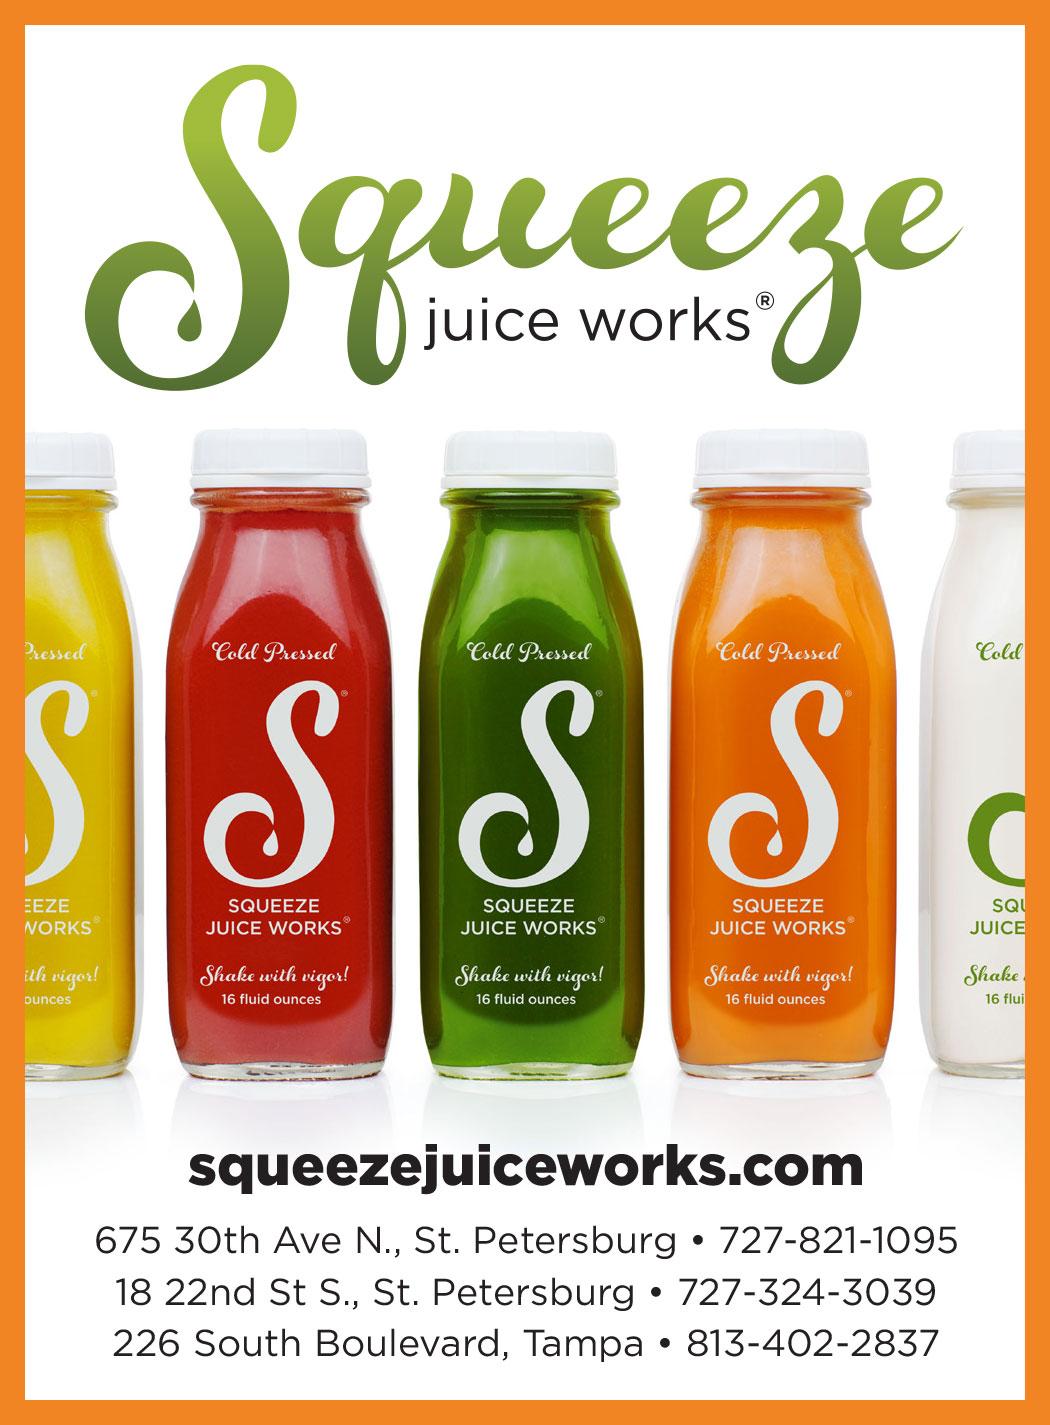 Squeeze Juice Works advertisement